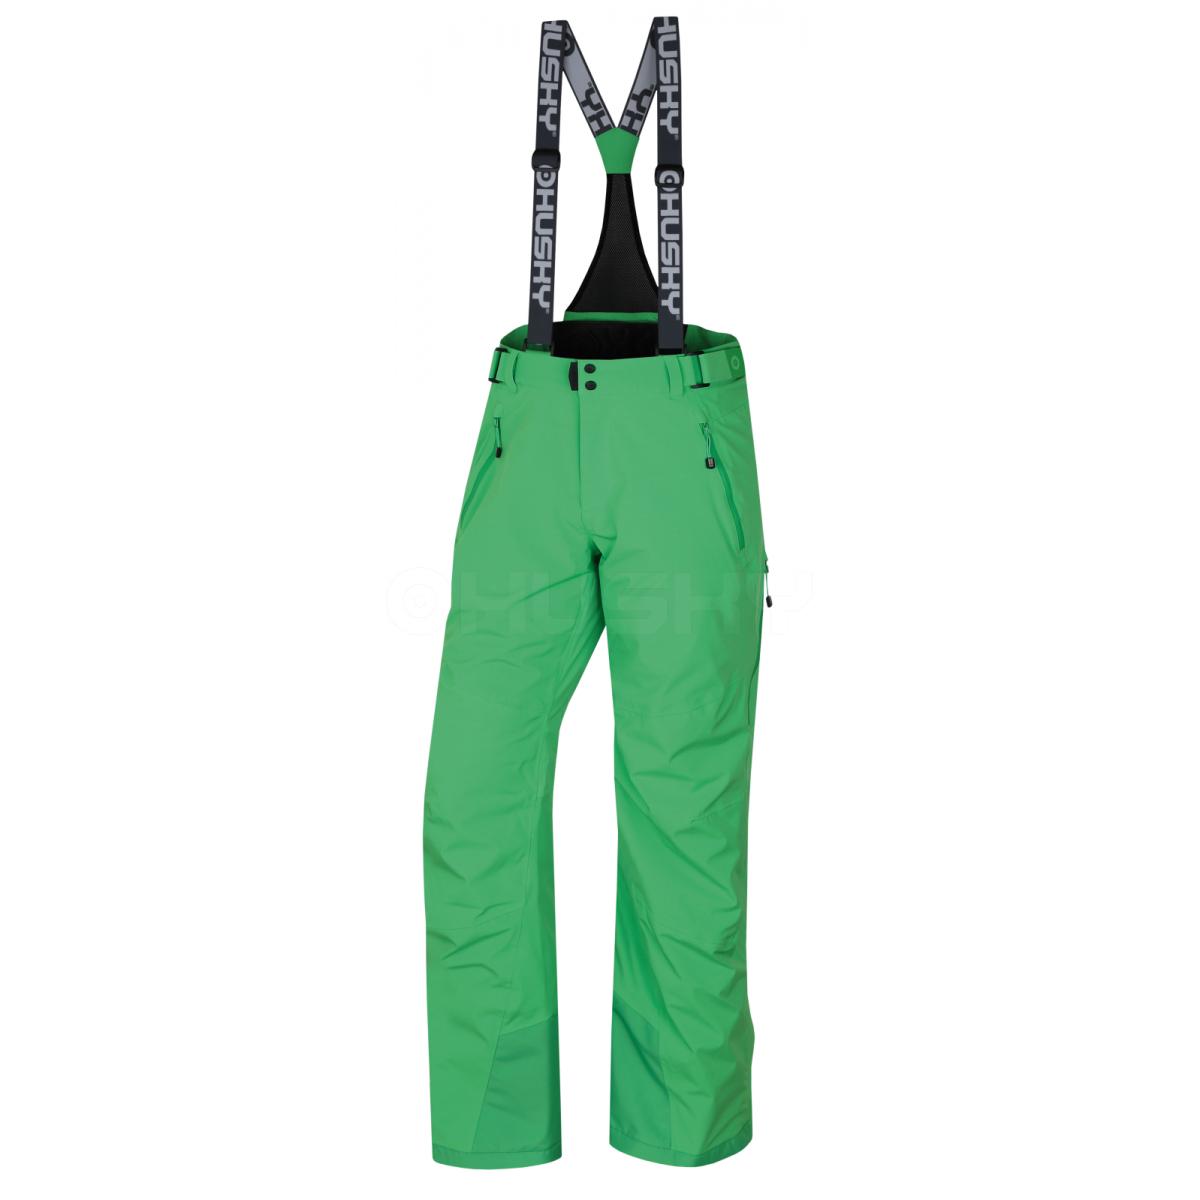 Pánské lyžařské kalhoty - Mithy M – sv. zelená  6af89355fa